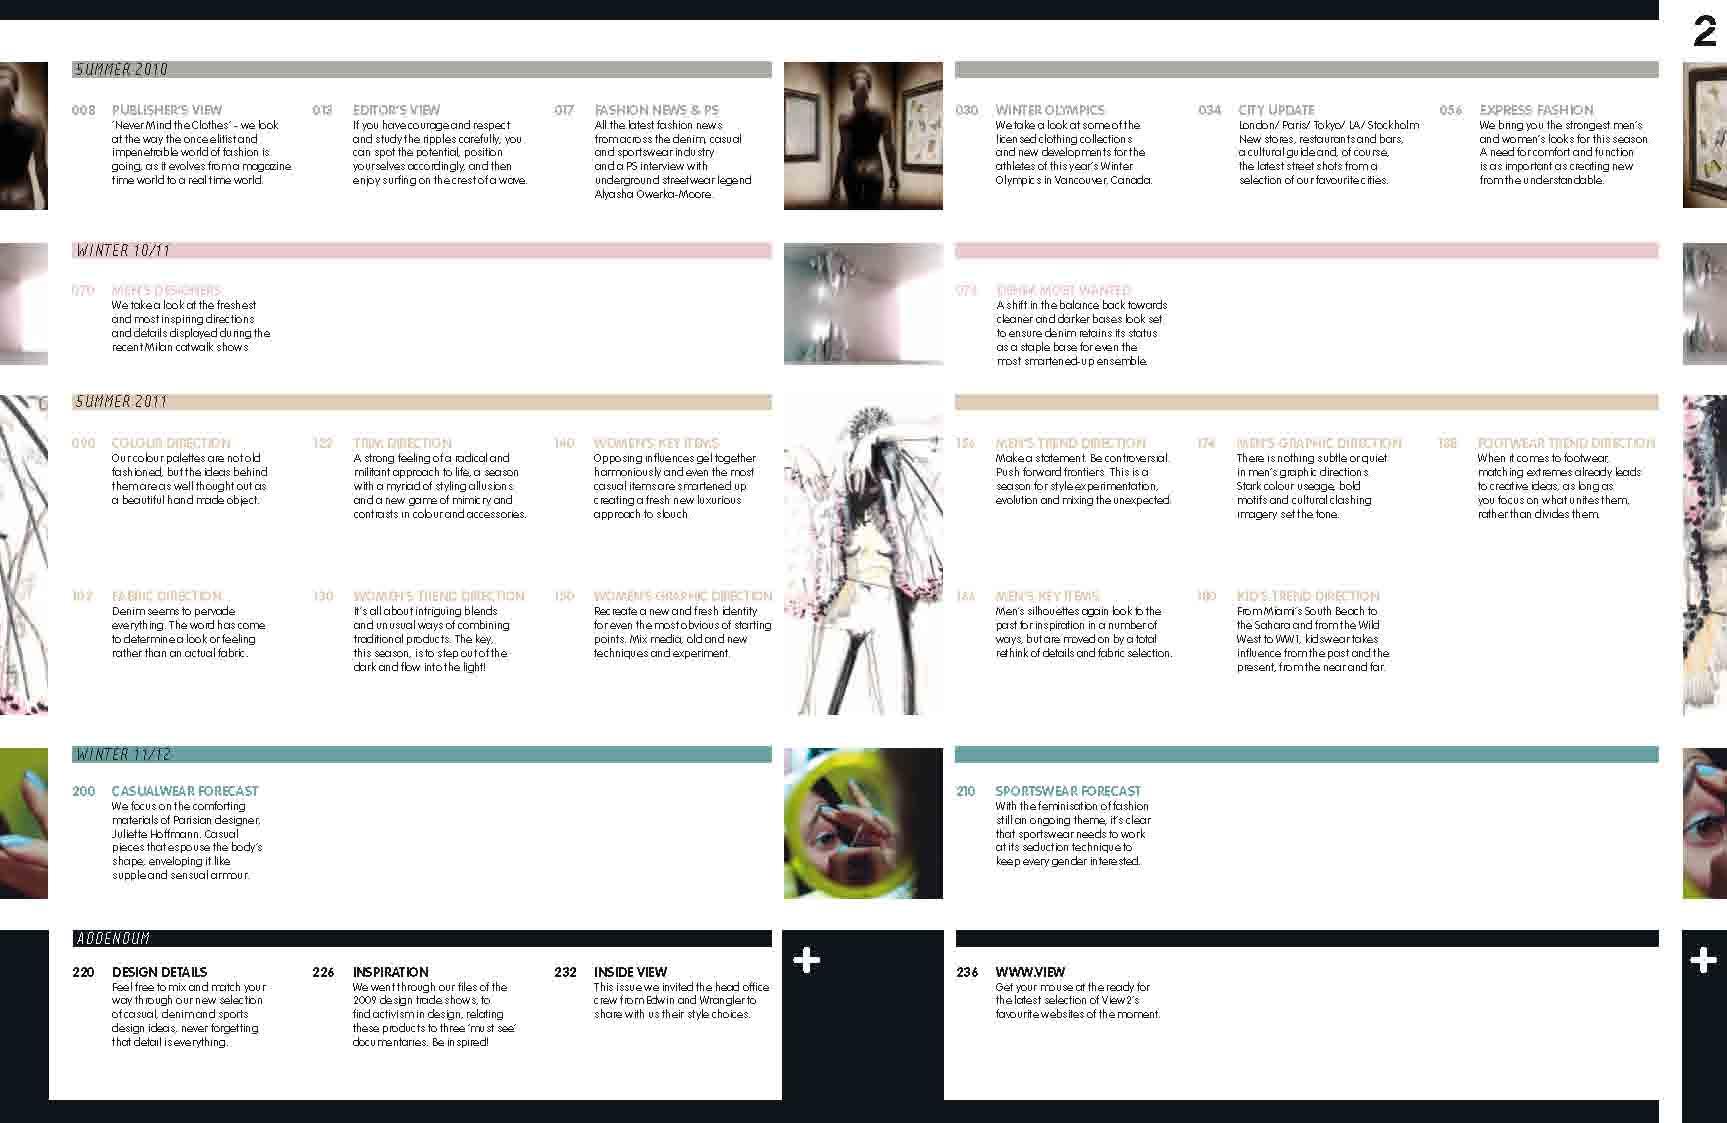 contents 1.jpg